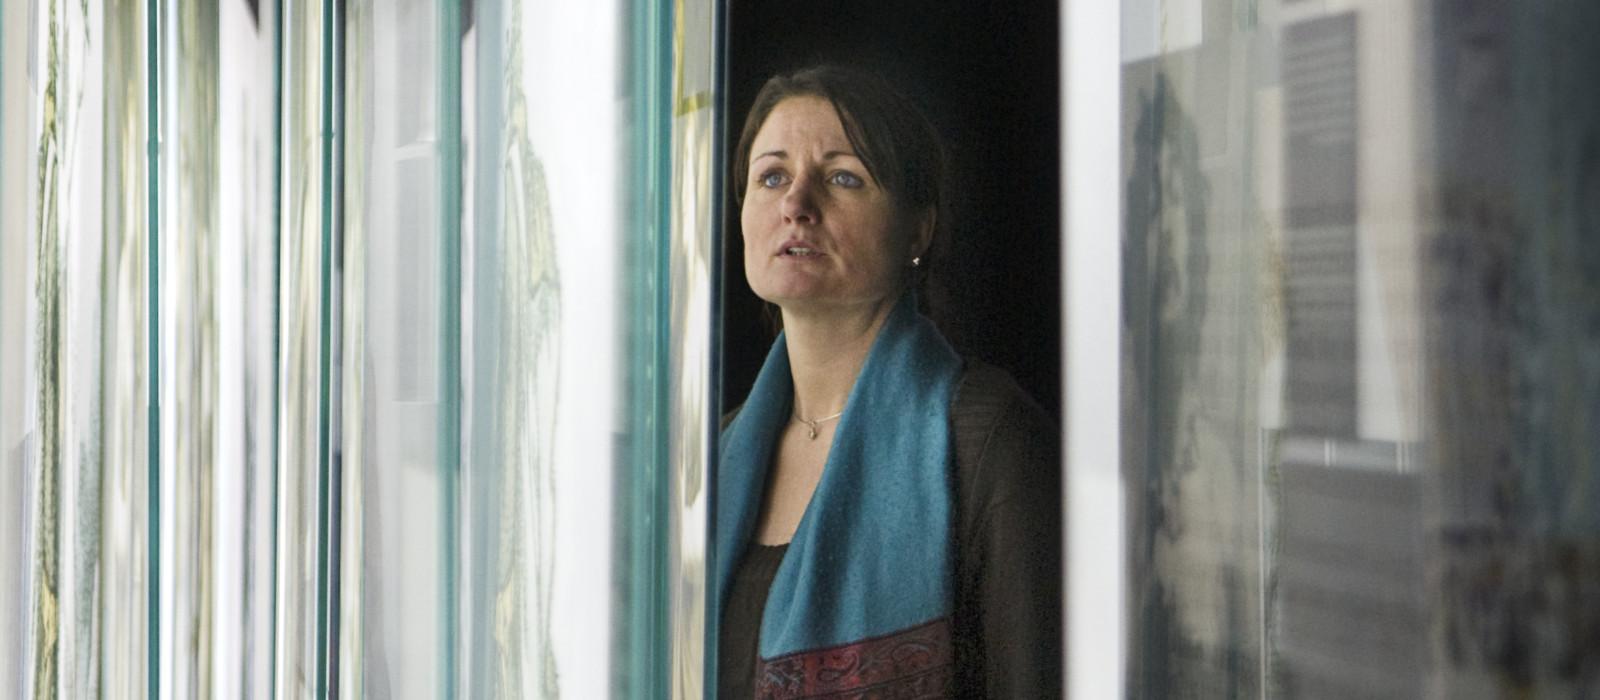 Eine Frau blickt in einen Ausstellungsraum